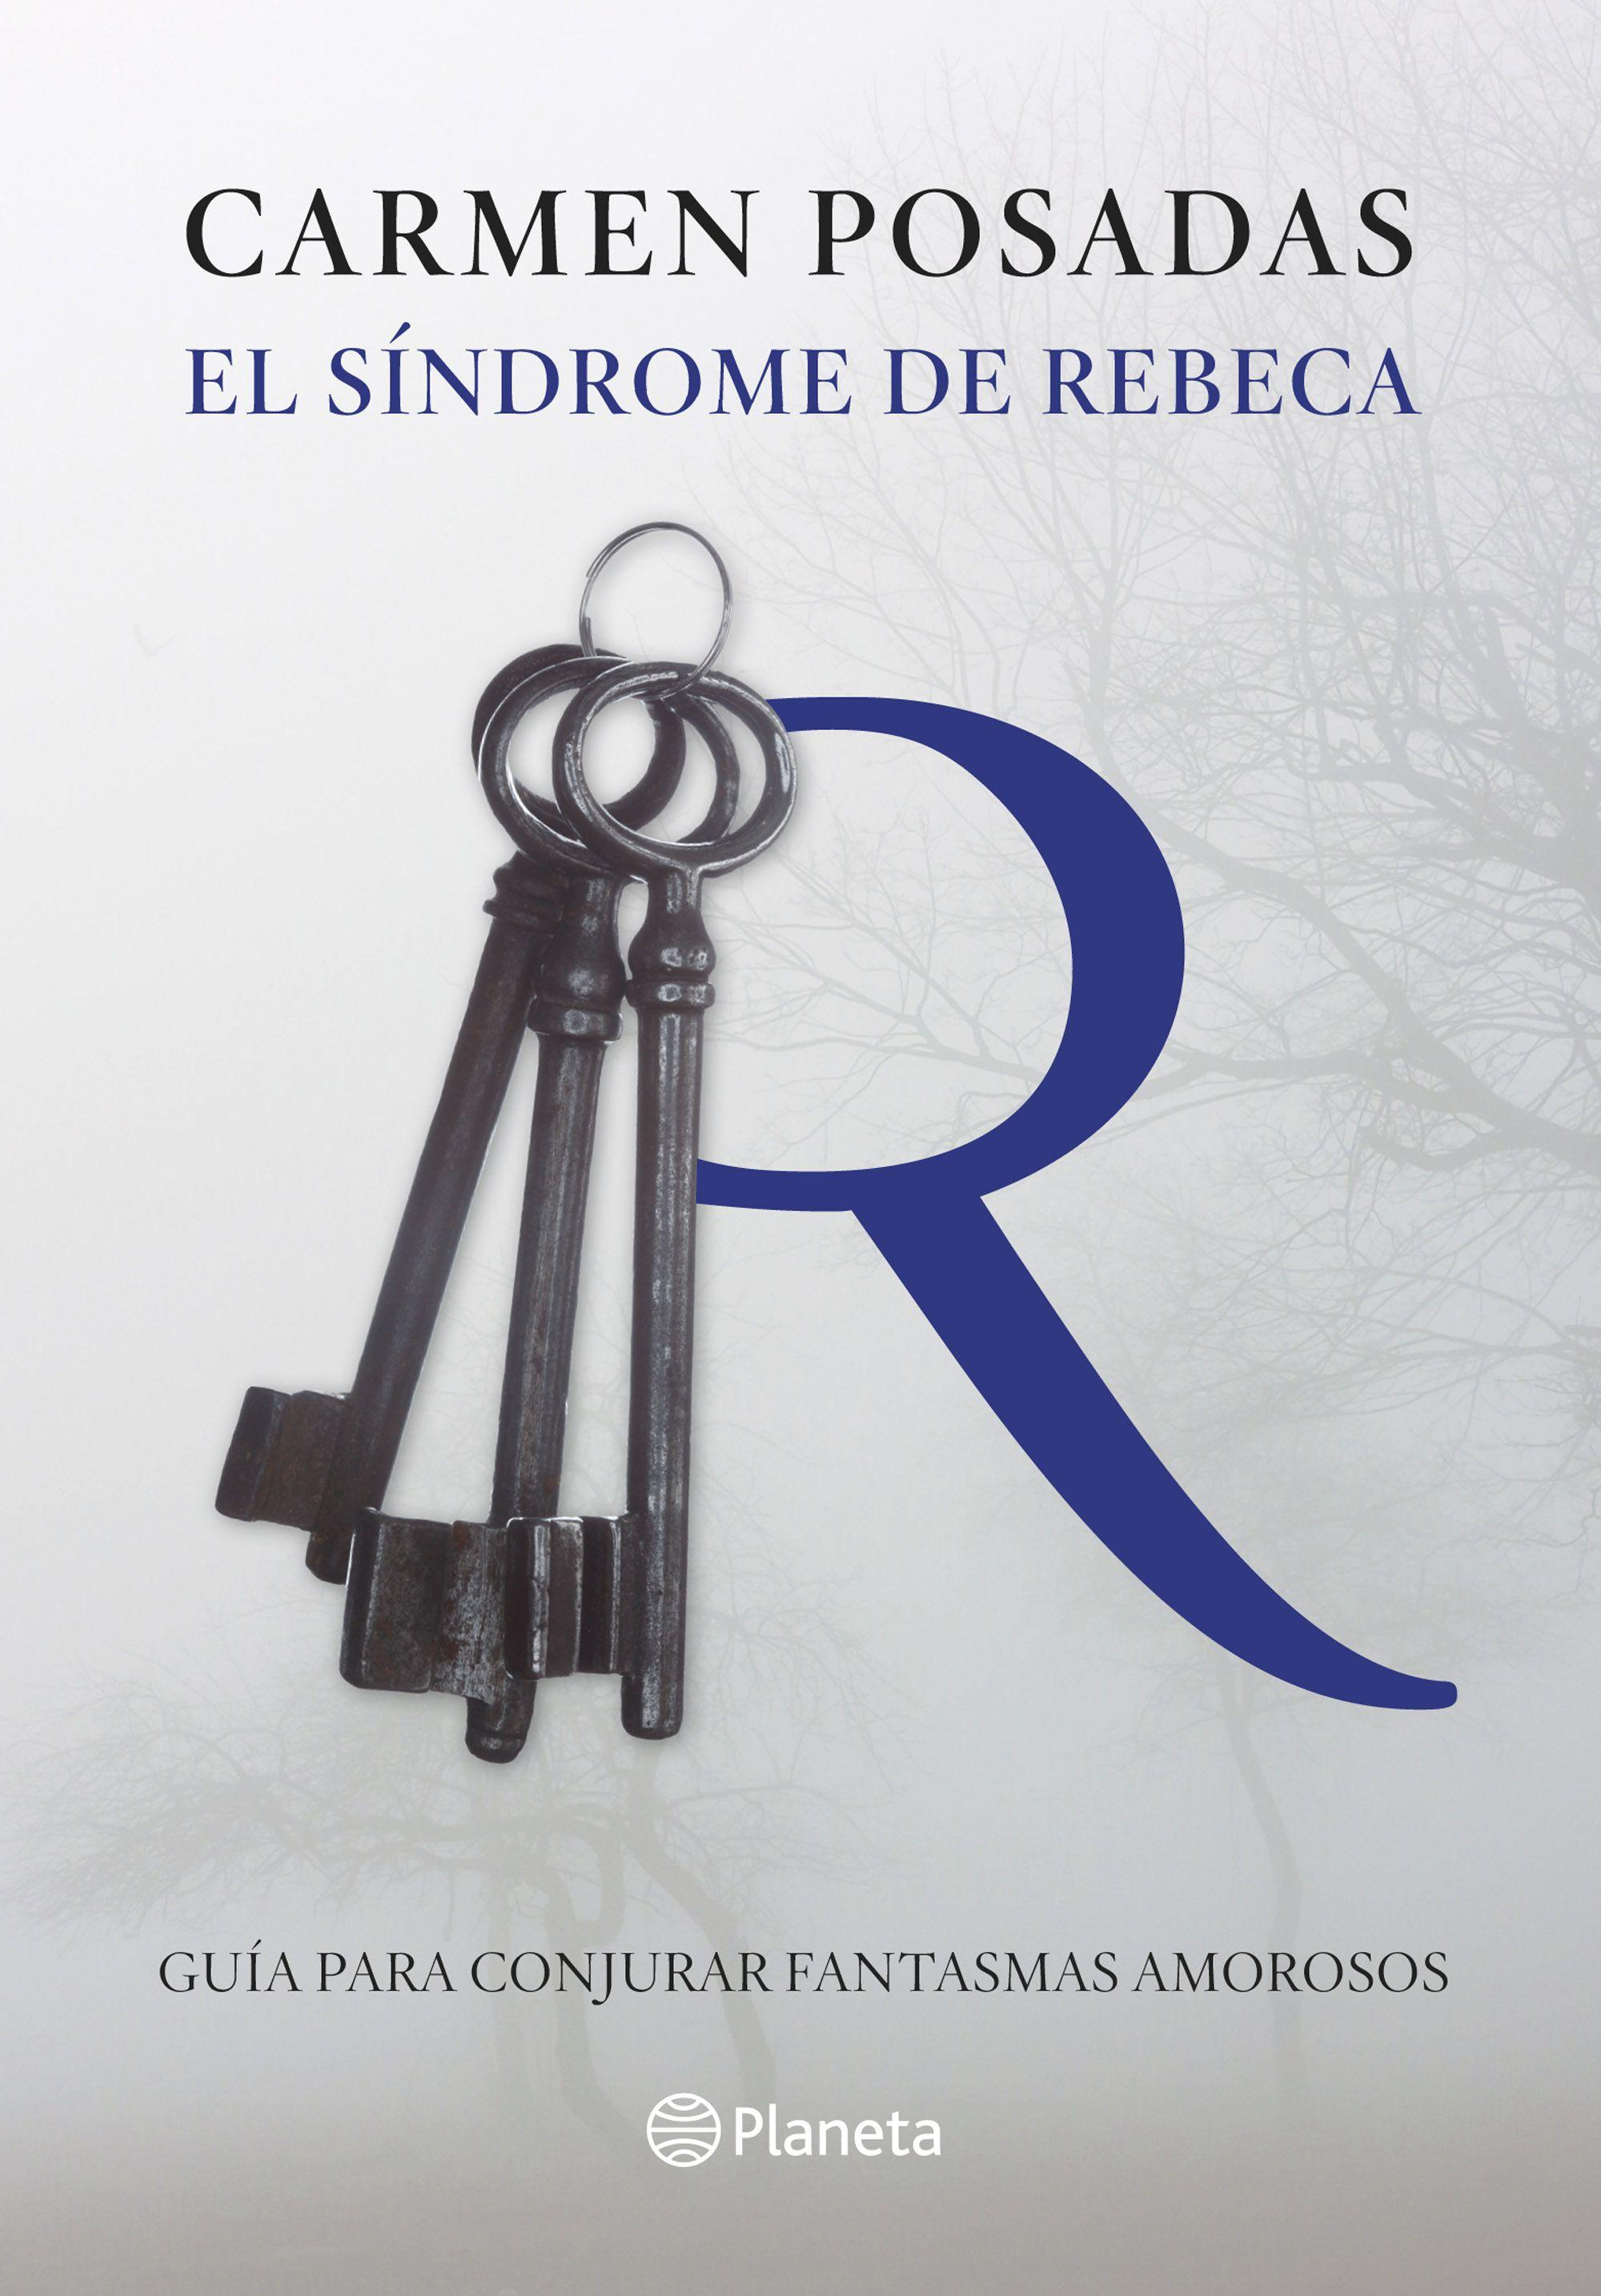 Recuperaci n de uno de los libros m s buscados por los seguidores de carmen posadas http www - Libros antiguos mas buscados ...